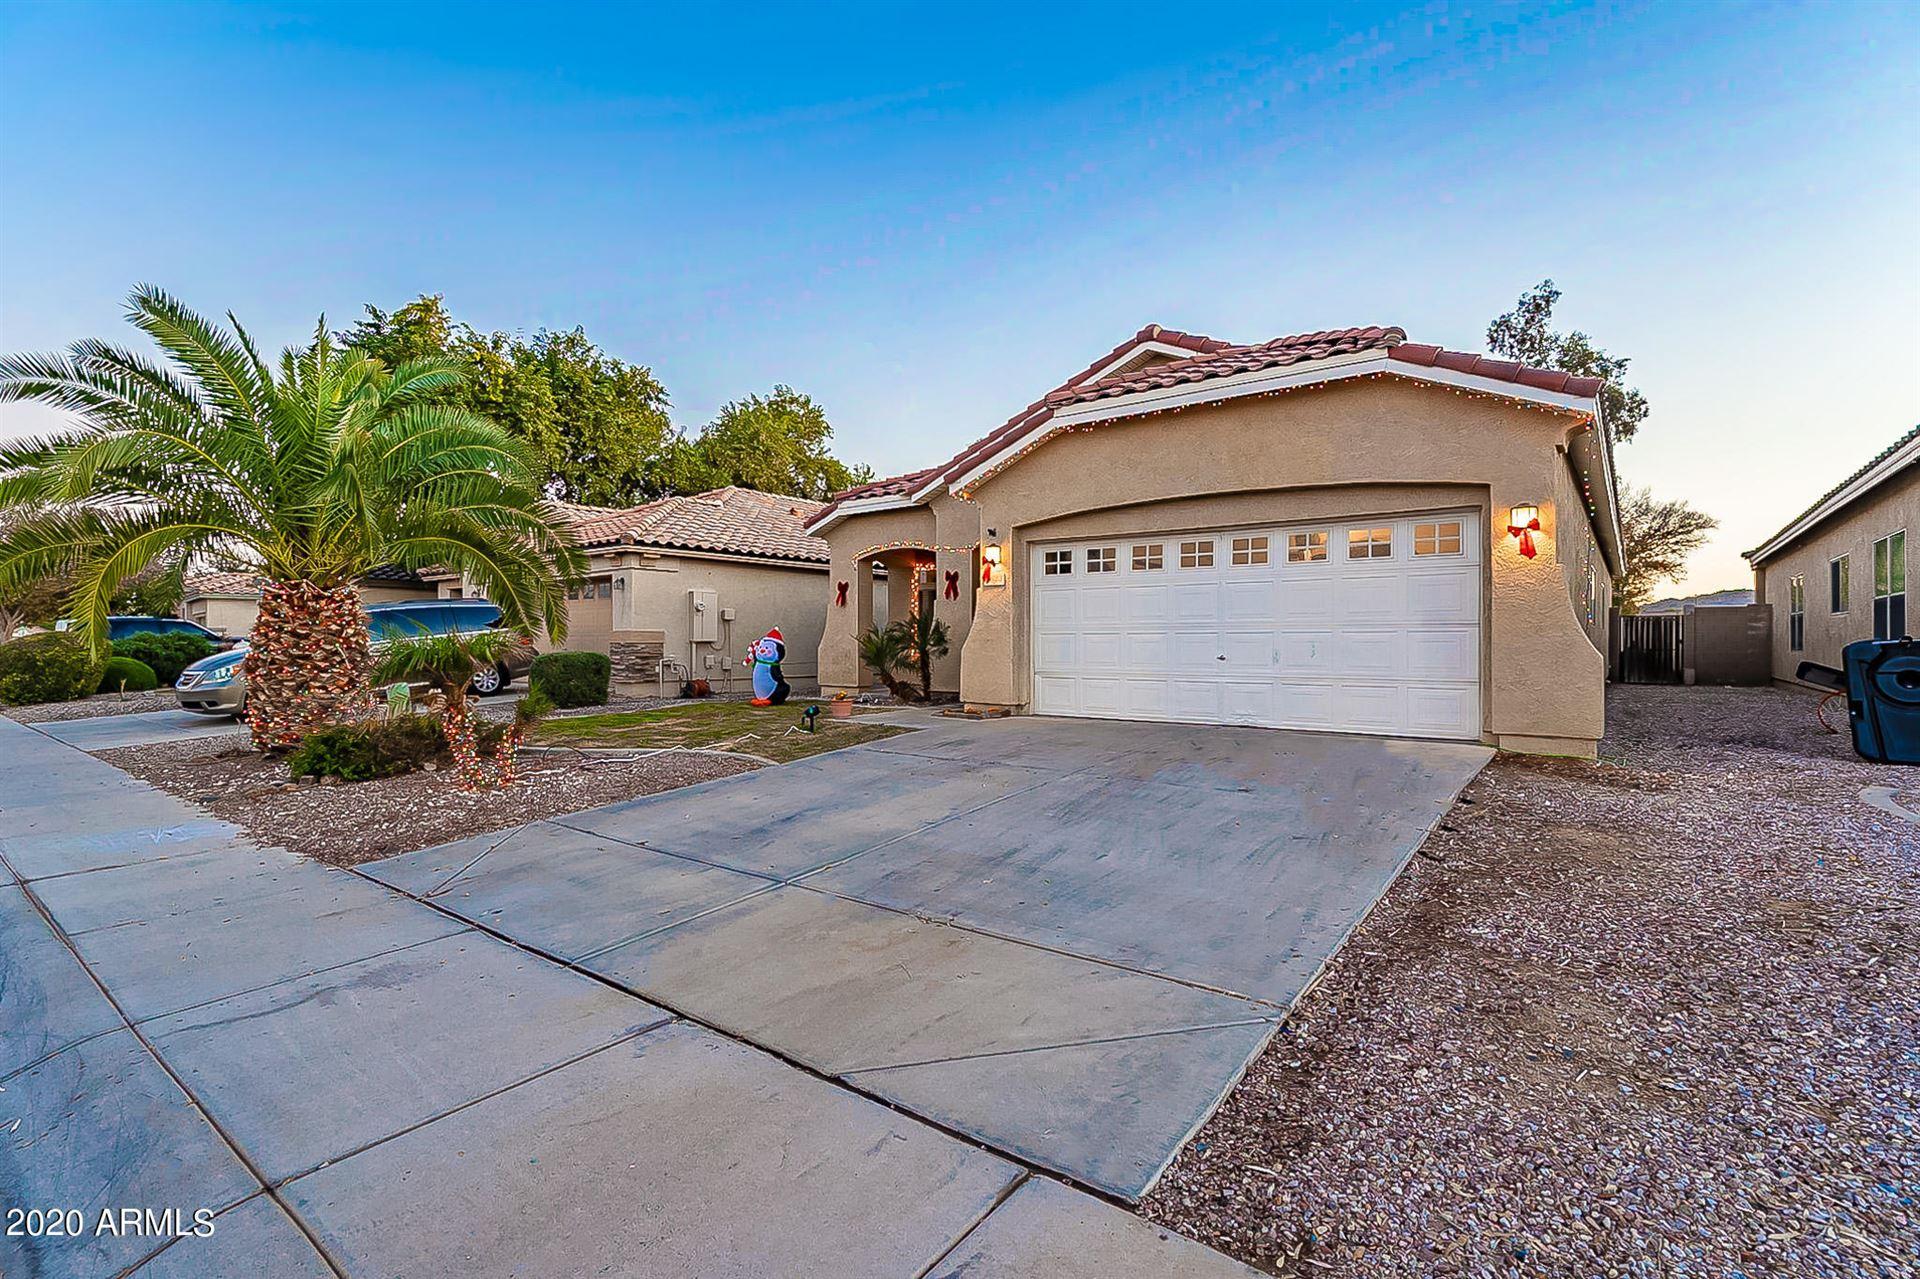 2623 W CAMP RIVER Road, Queen Creek, AZ 85142 - MLS#: 6172501